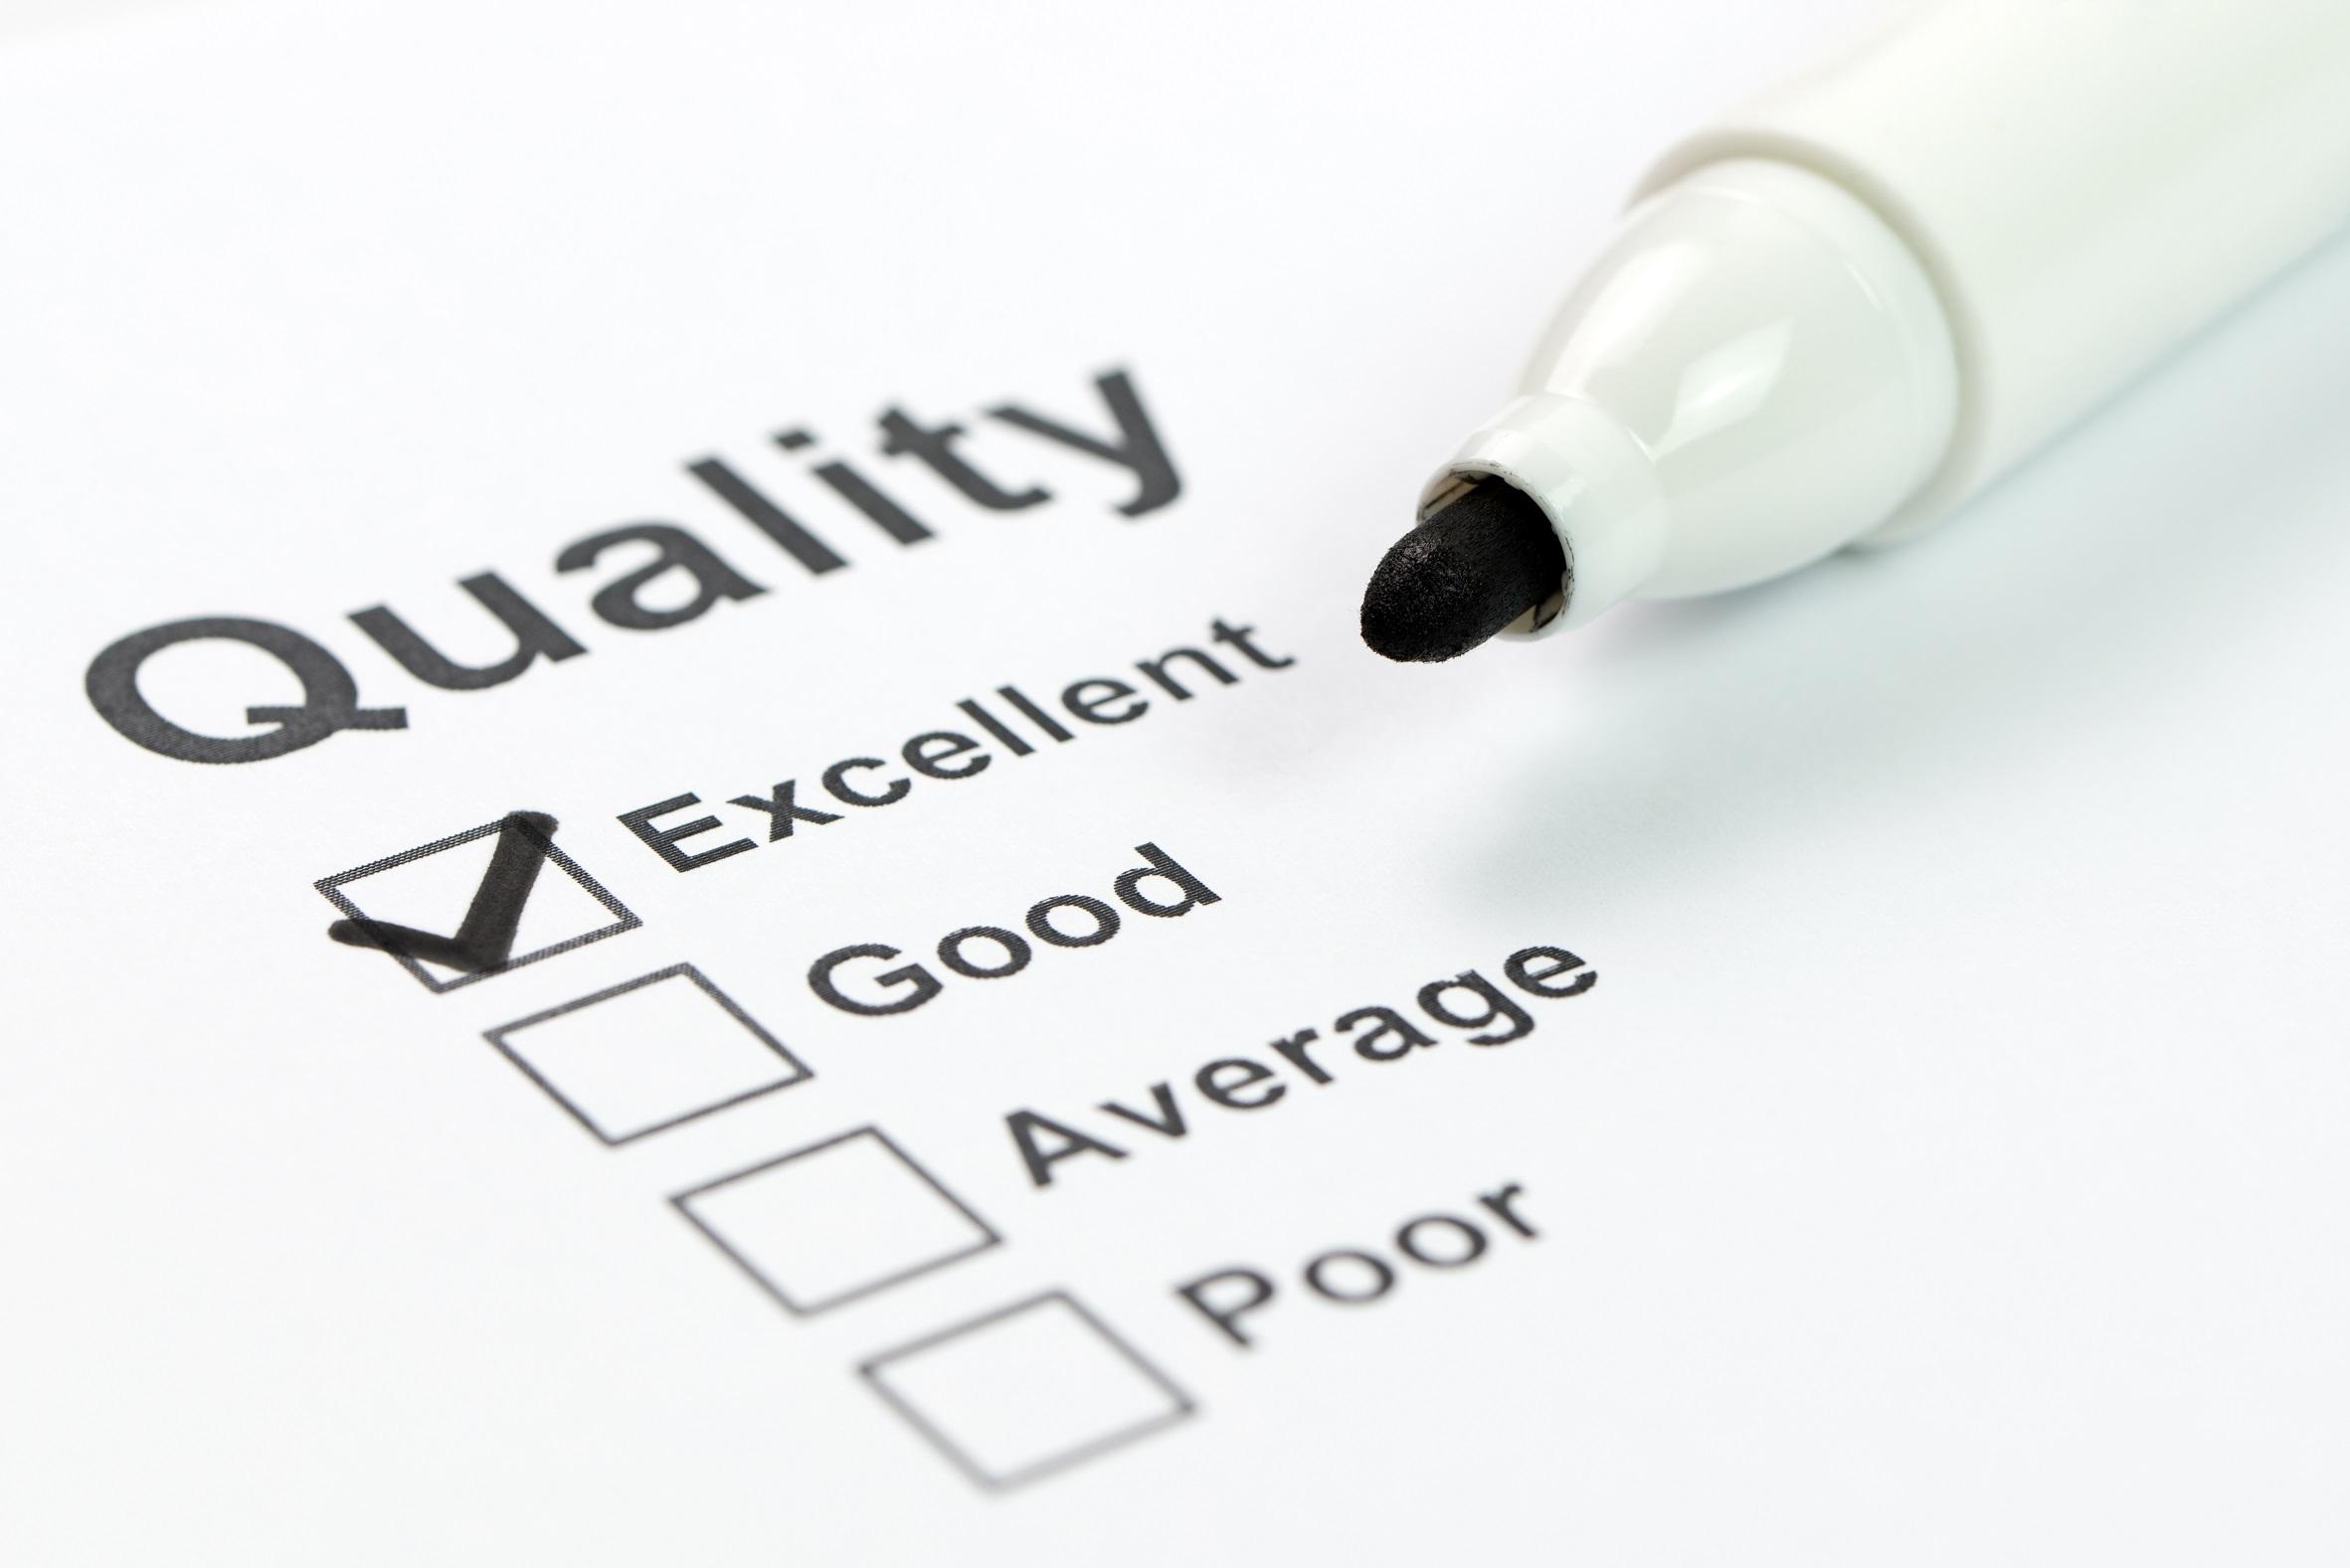 Quality rater: quali sono gli standard di qualità di Google | Parte 3